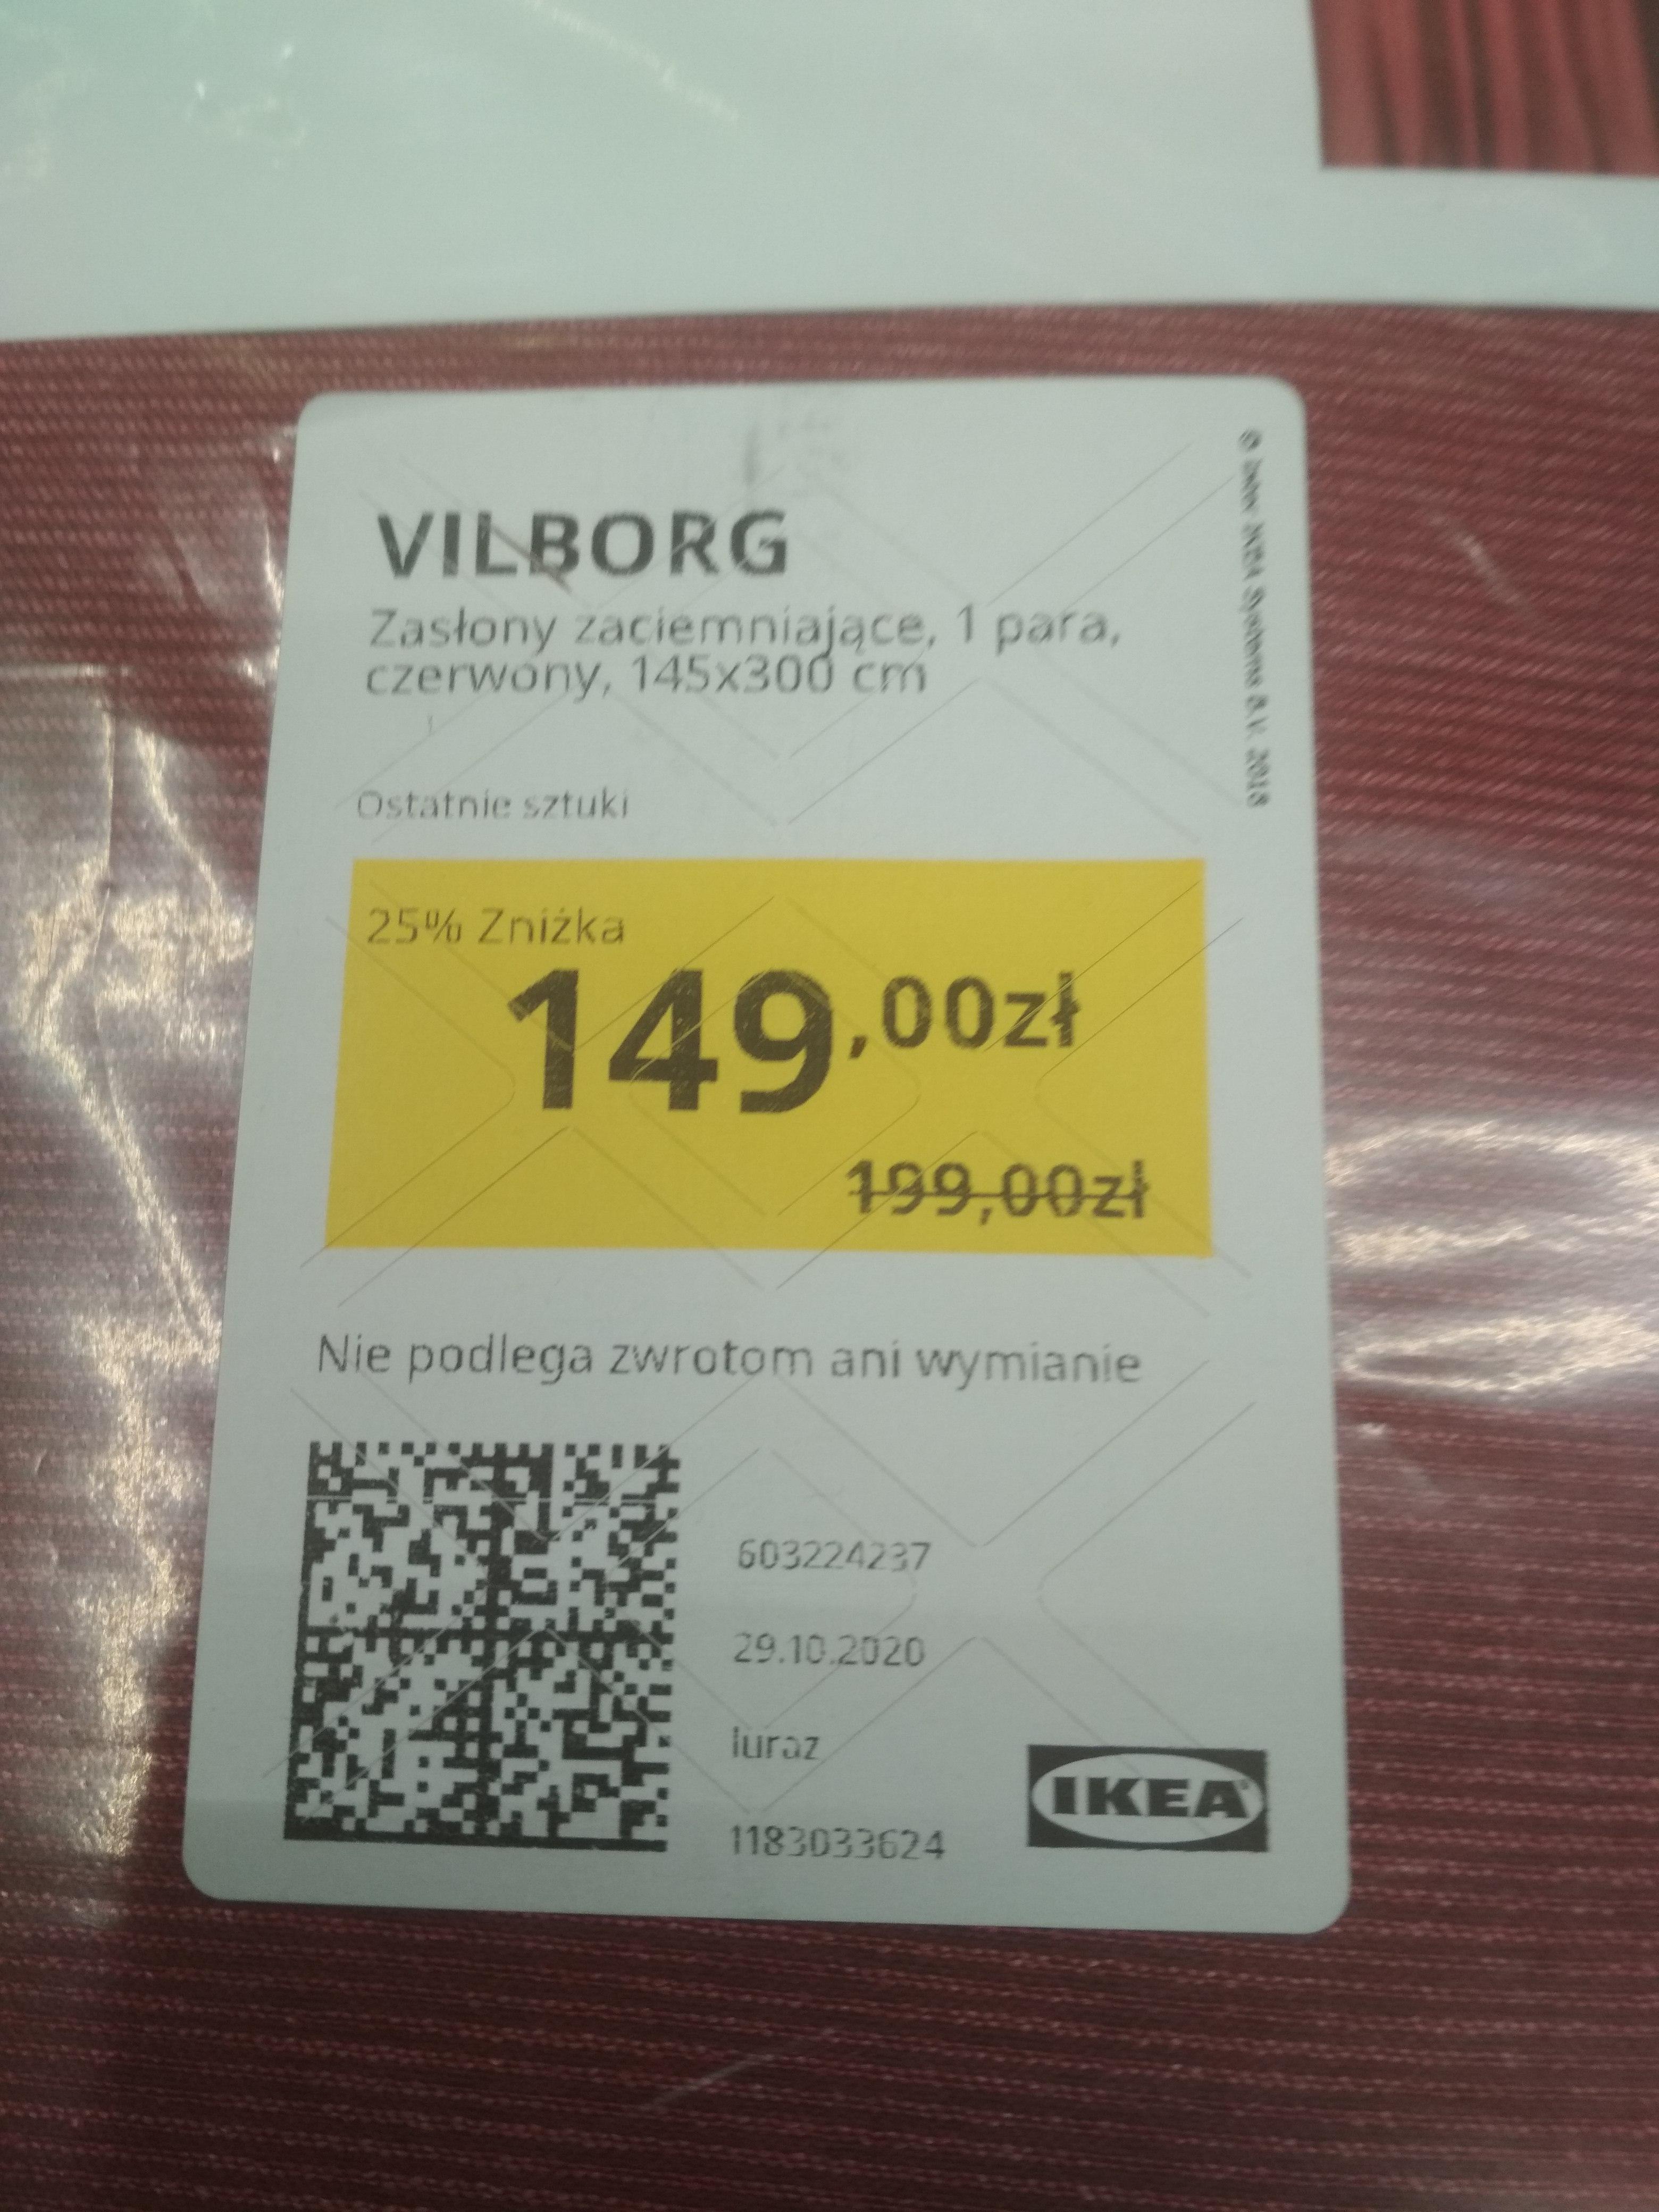 IKEA Gdańsk, zasłony zaciemniające ciemna czerwień Vilborg